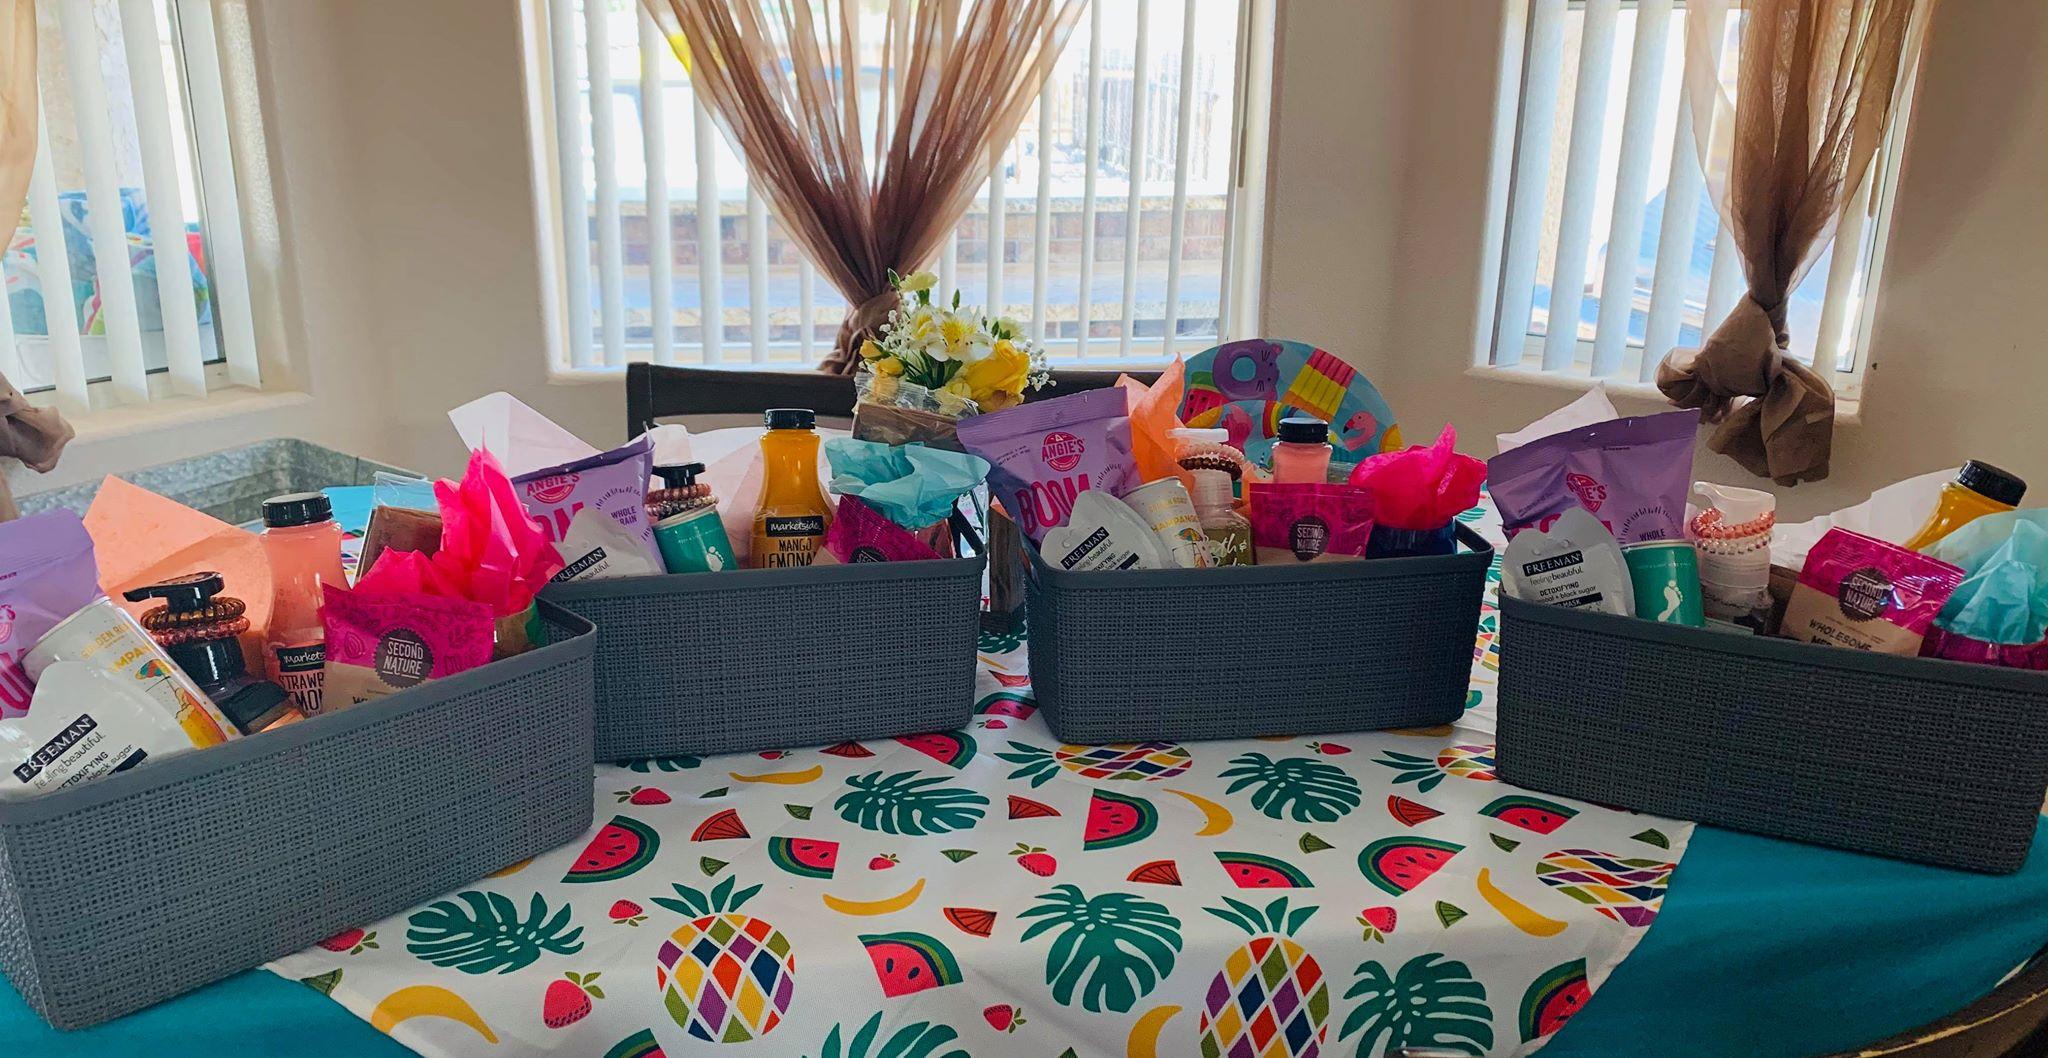 Sisterhood Of The Traveling Fairies Facebook Group Brings Joy To Arizona Women